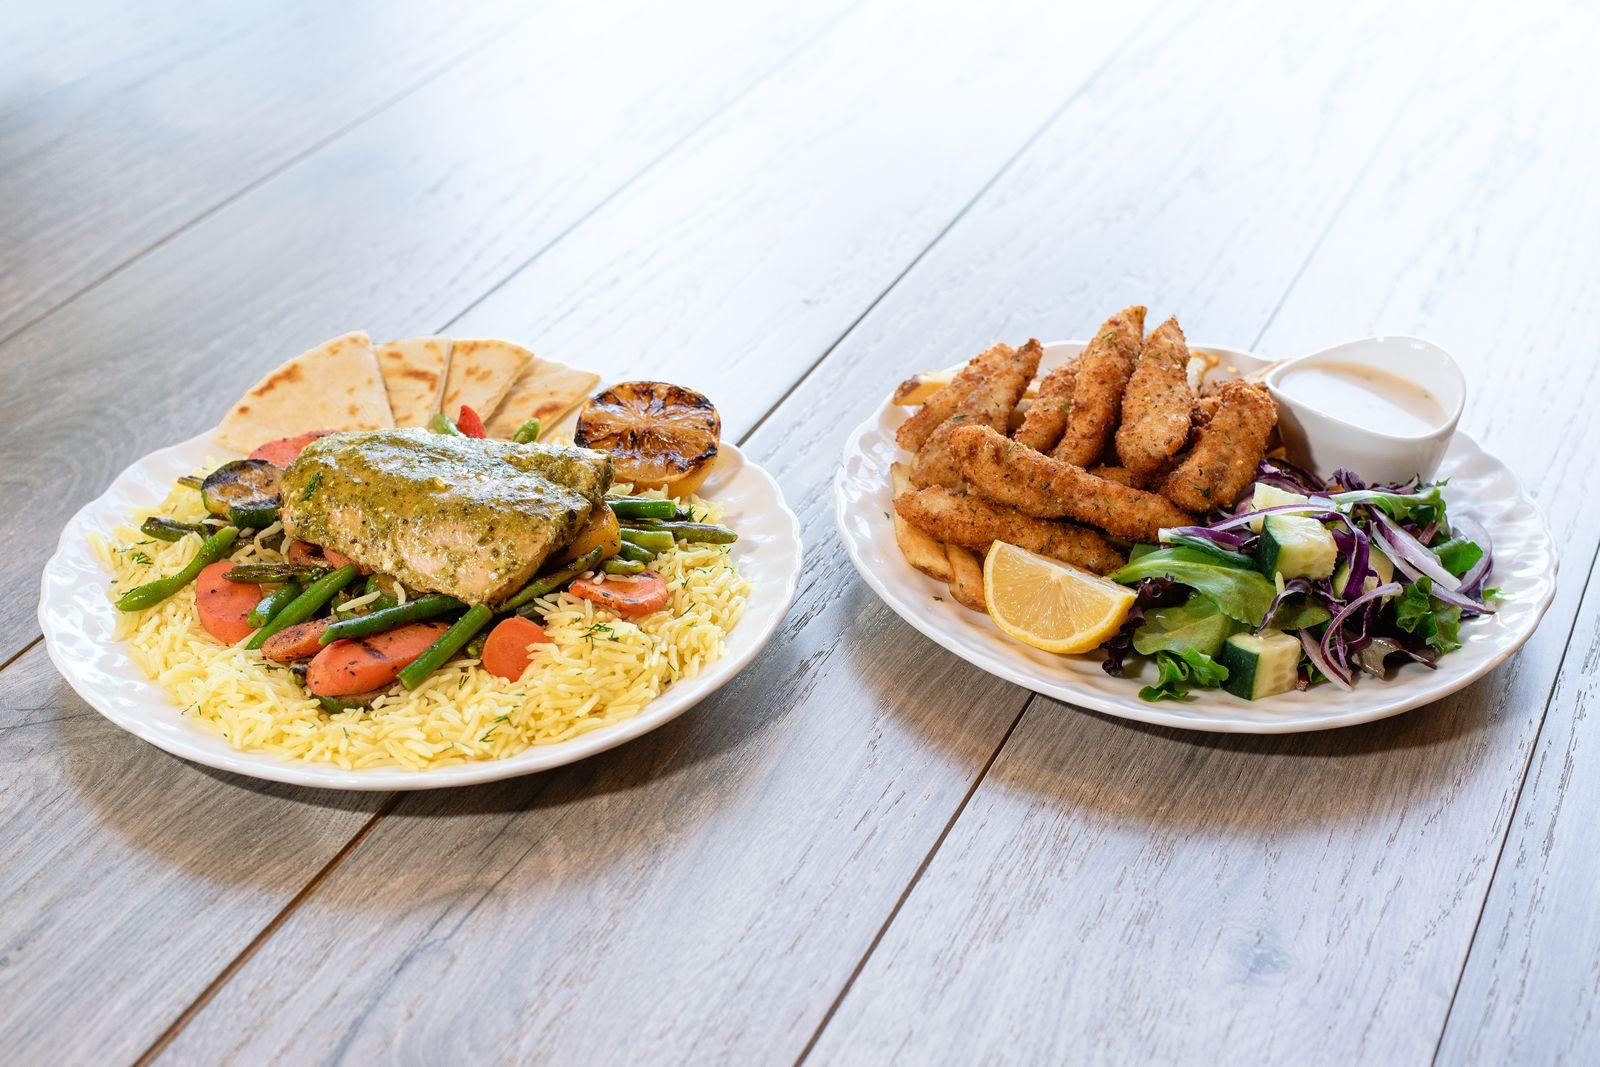 Les nouveaux plats d'inspiration méditerranéenne qui mettent en valeur le saumon d'Alaska sauvage et le poisson blanc pané seront disponibles dans tous les restaurants de Daphné jusqu'au 5 juillet 2021.